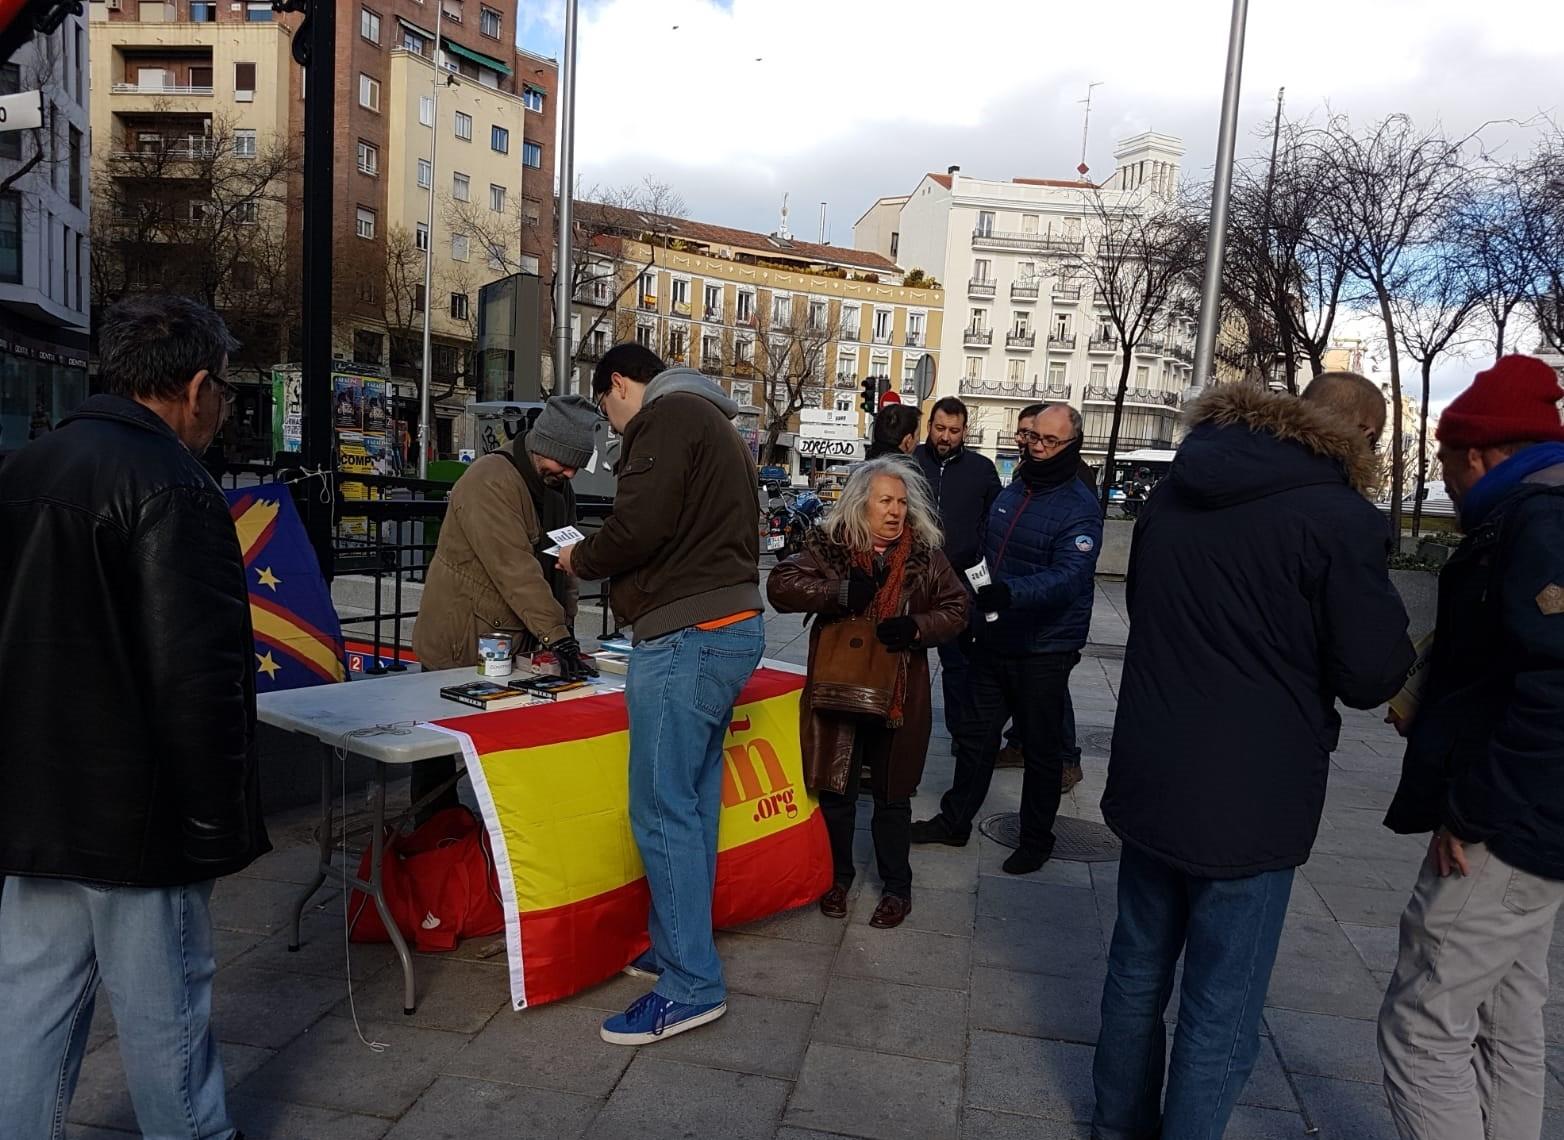 Nuevo éxito de ADÑ en el barrio madrileño de Chamberí